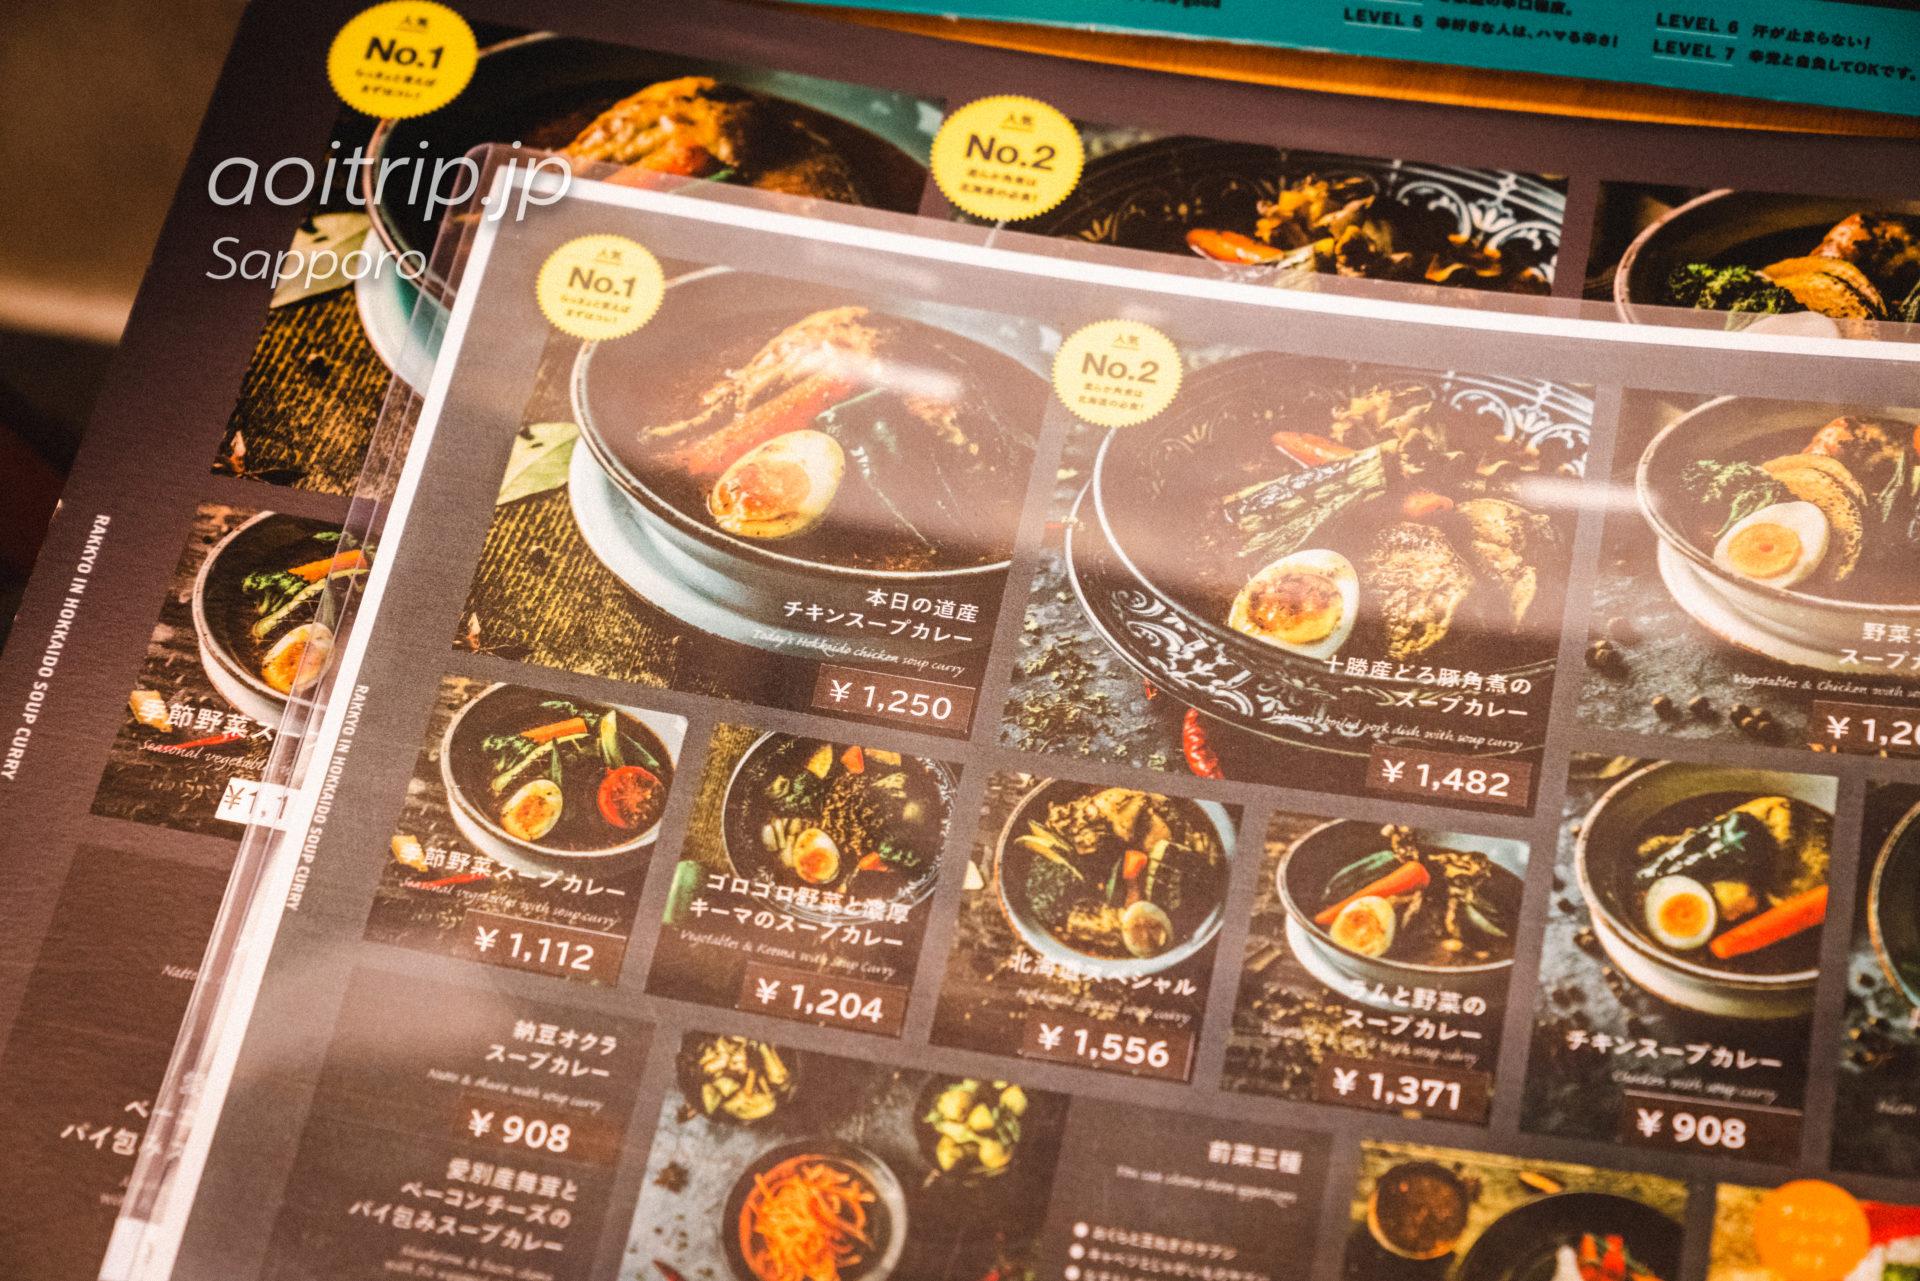 北海道札幌のスープカレー専門店「らっきょ (Rakkyo)」のメニュー